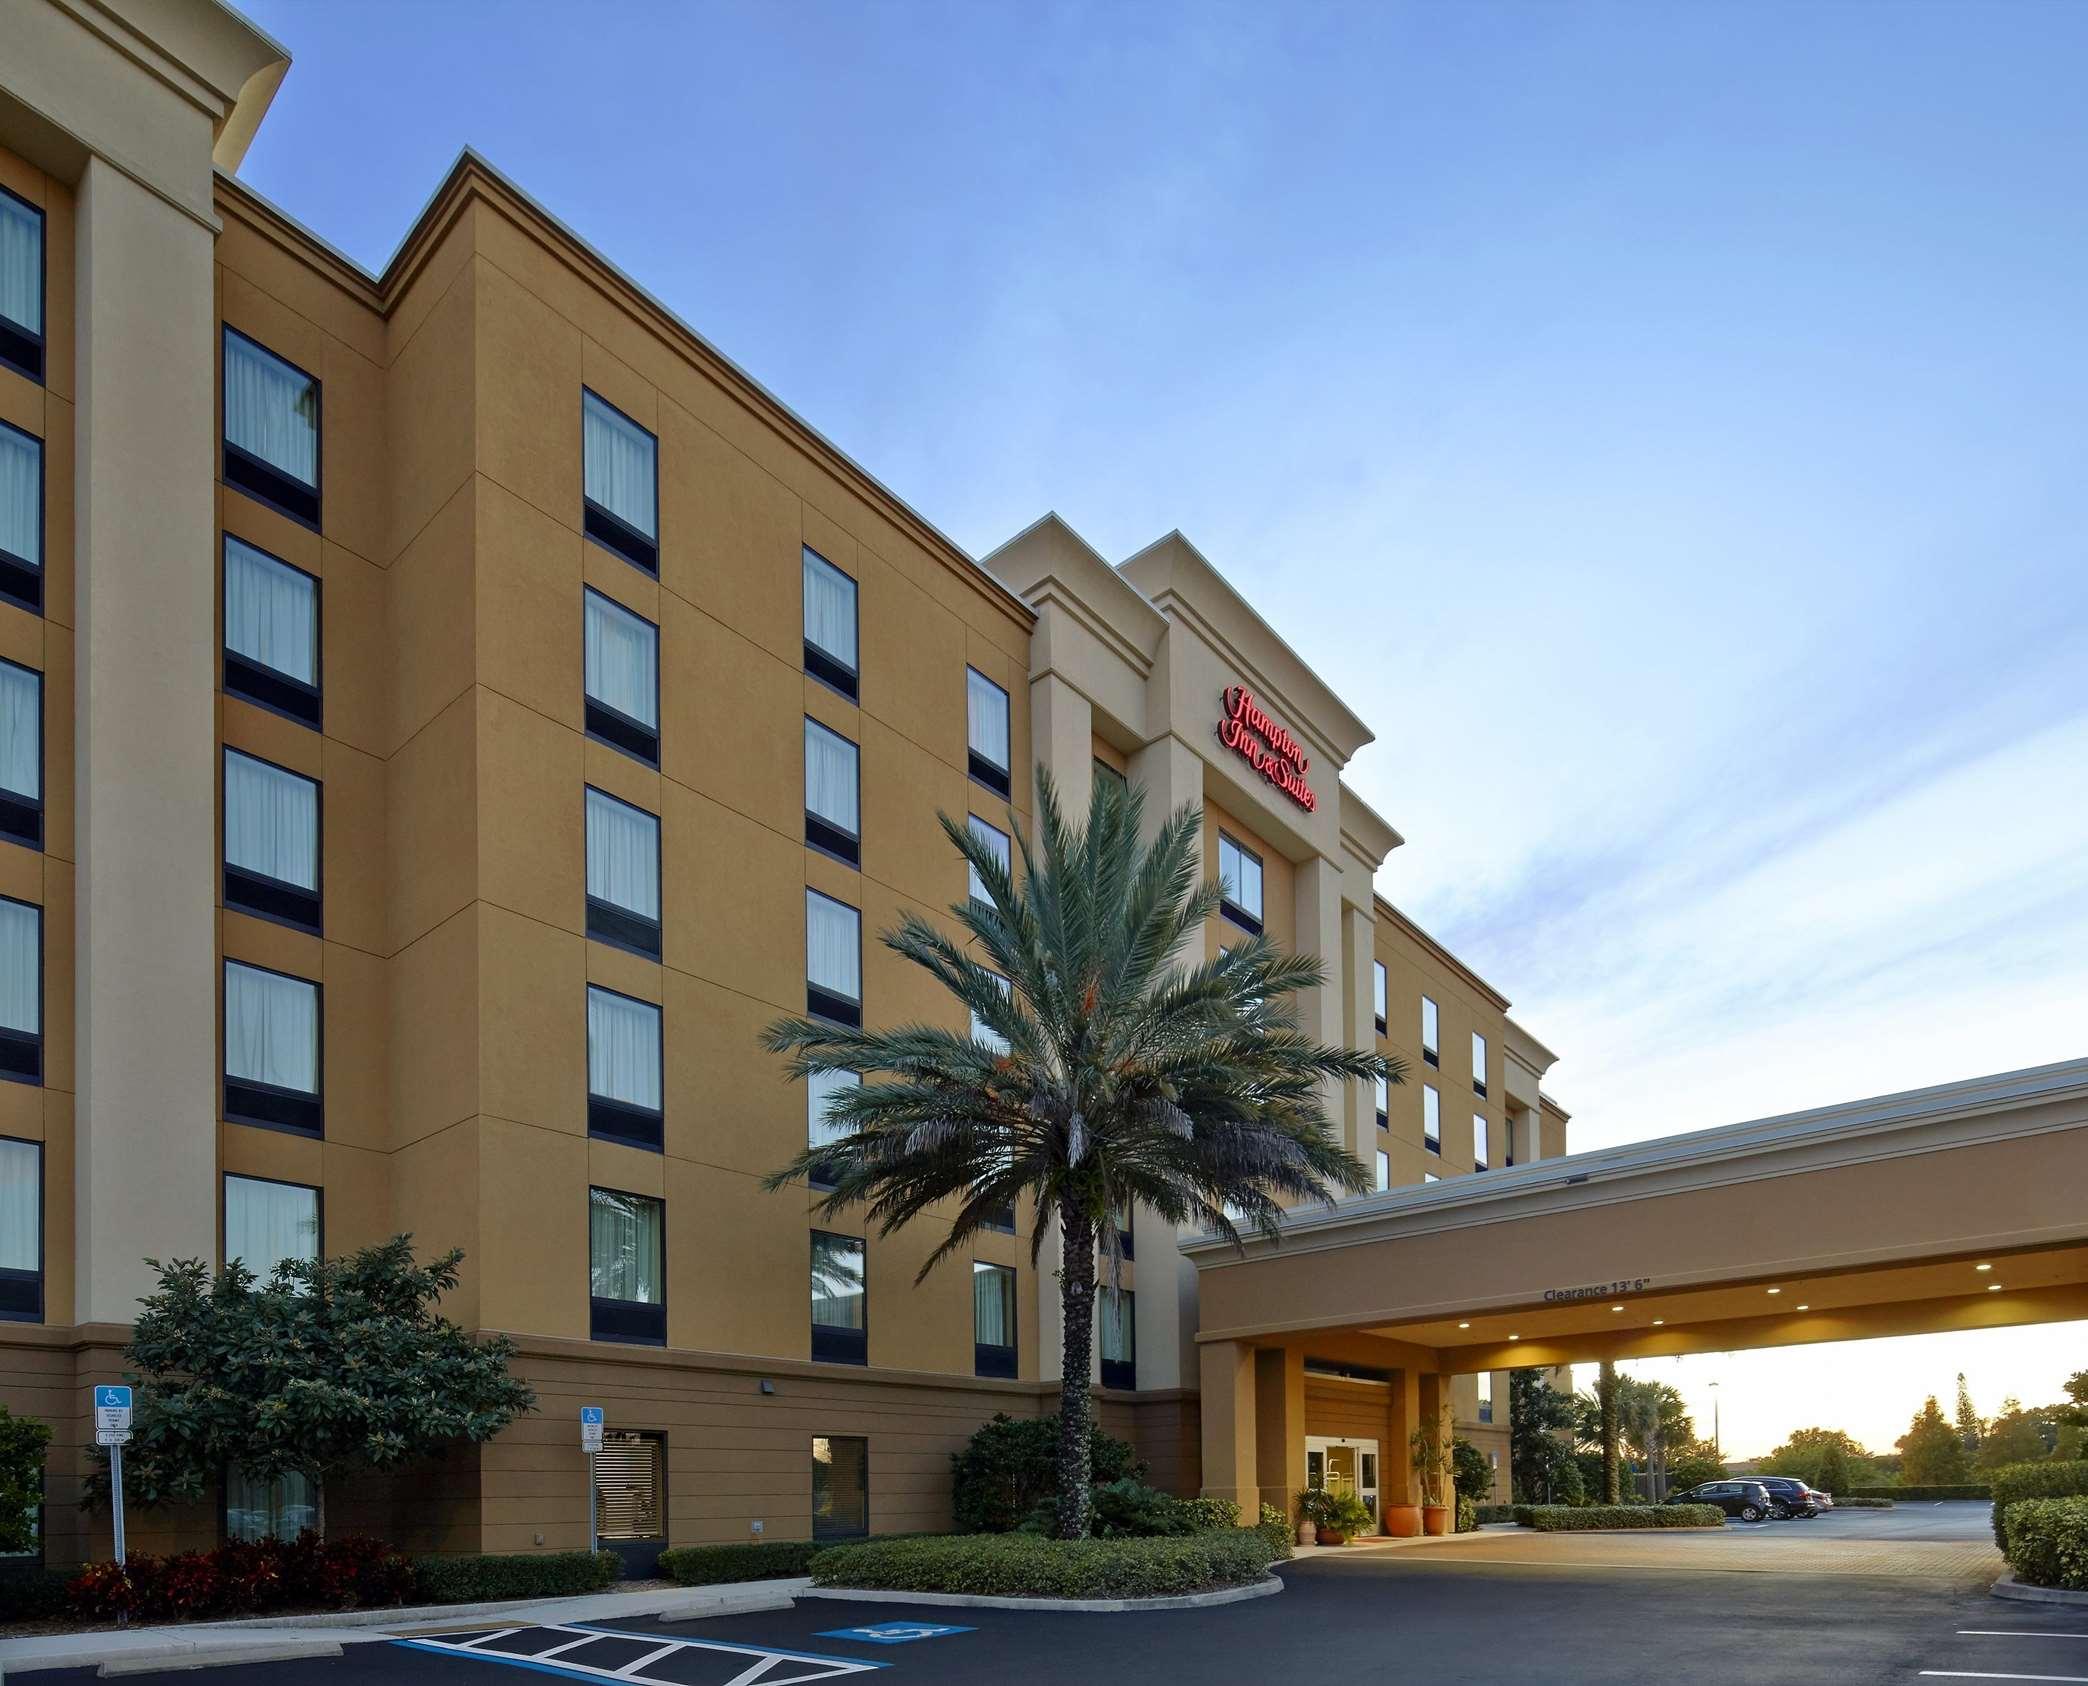 Hampton Inn & Suites Clearwater/St. Petersburg-Ulmerton Road, FL image 14